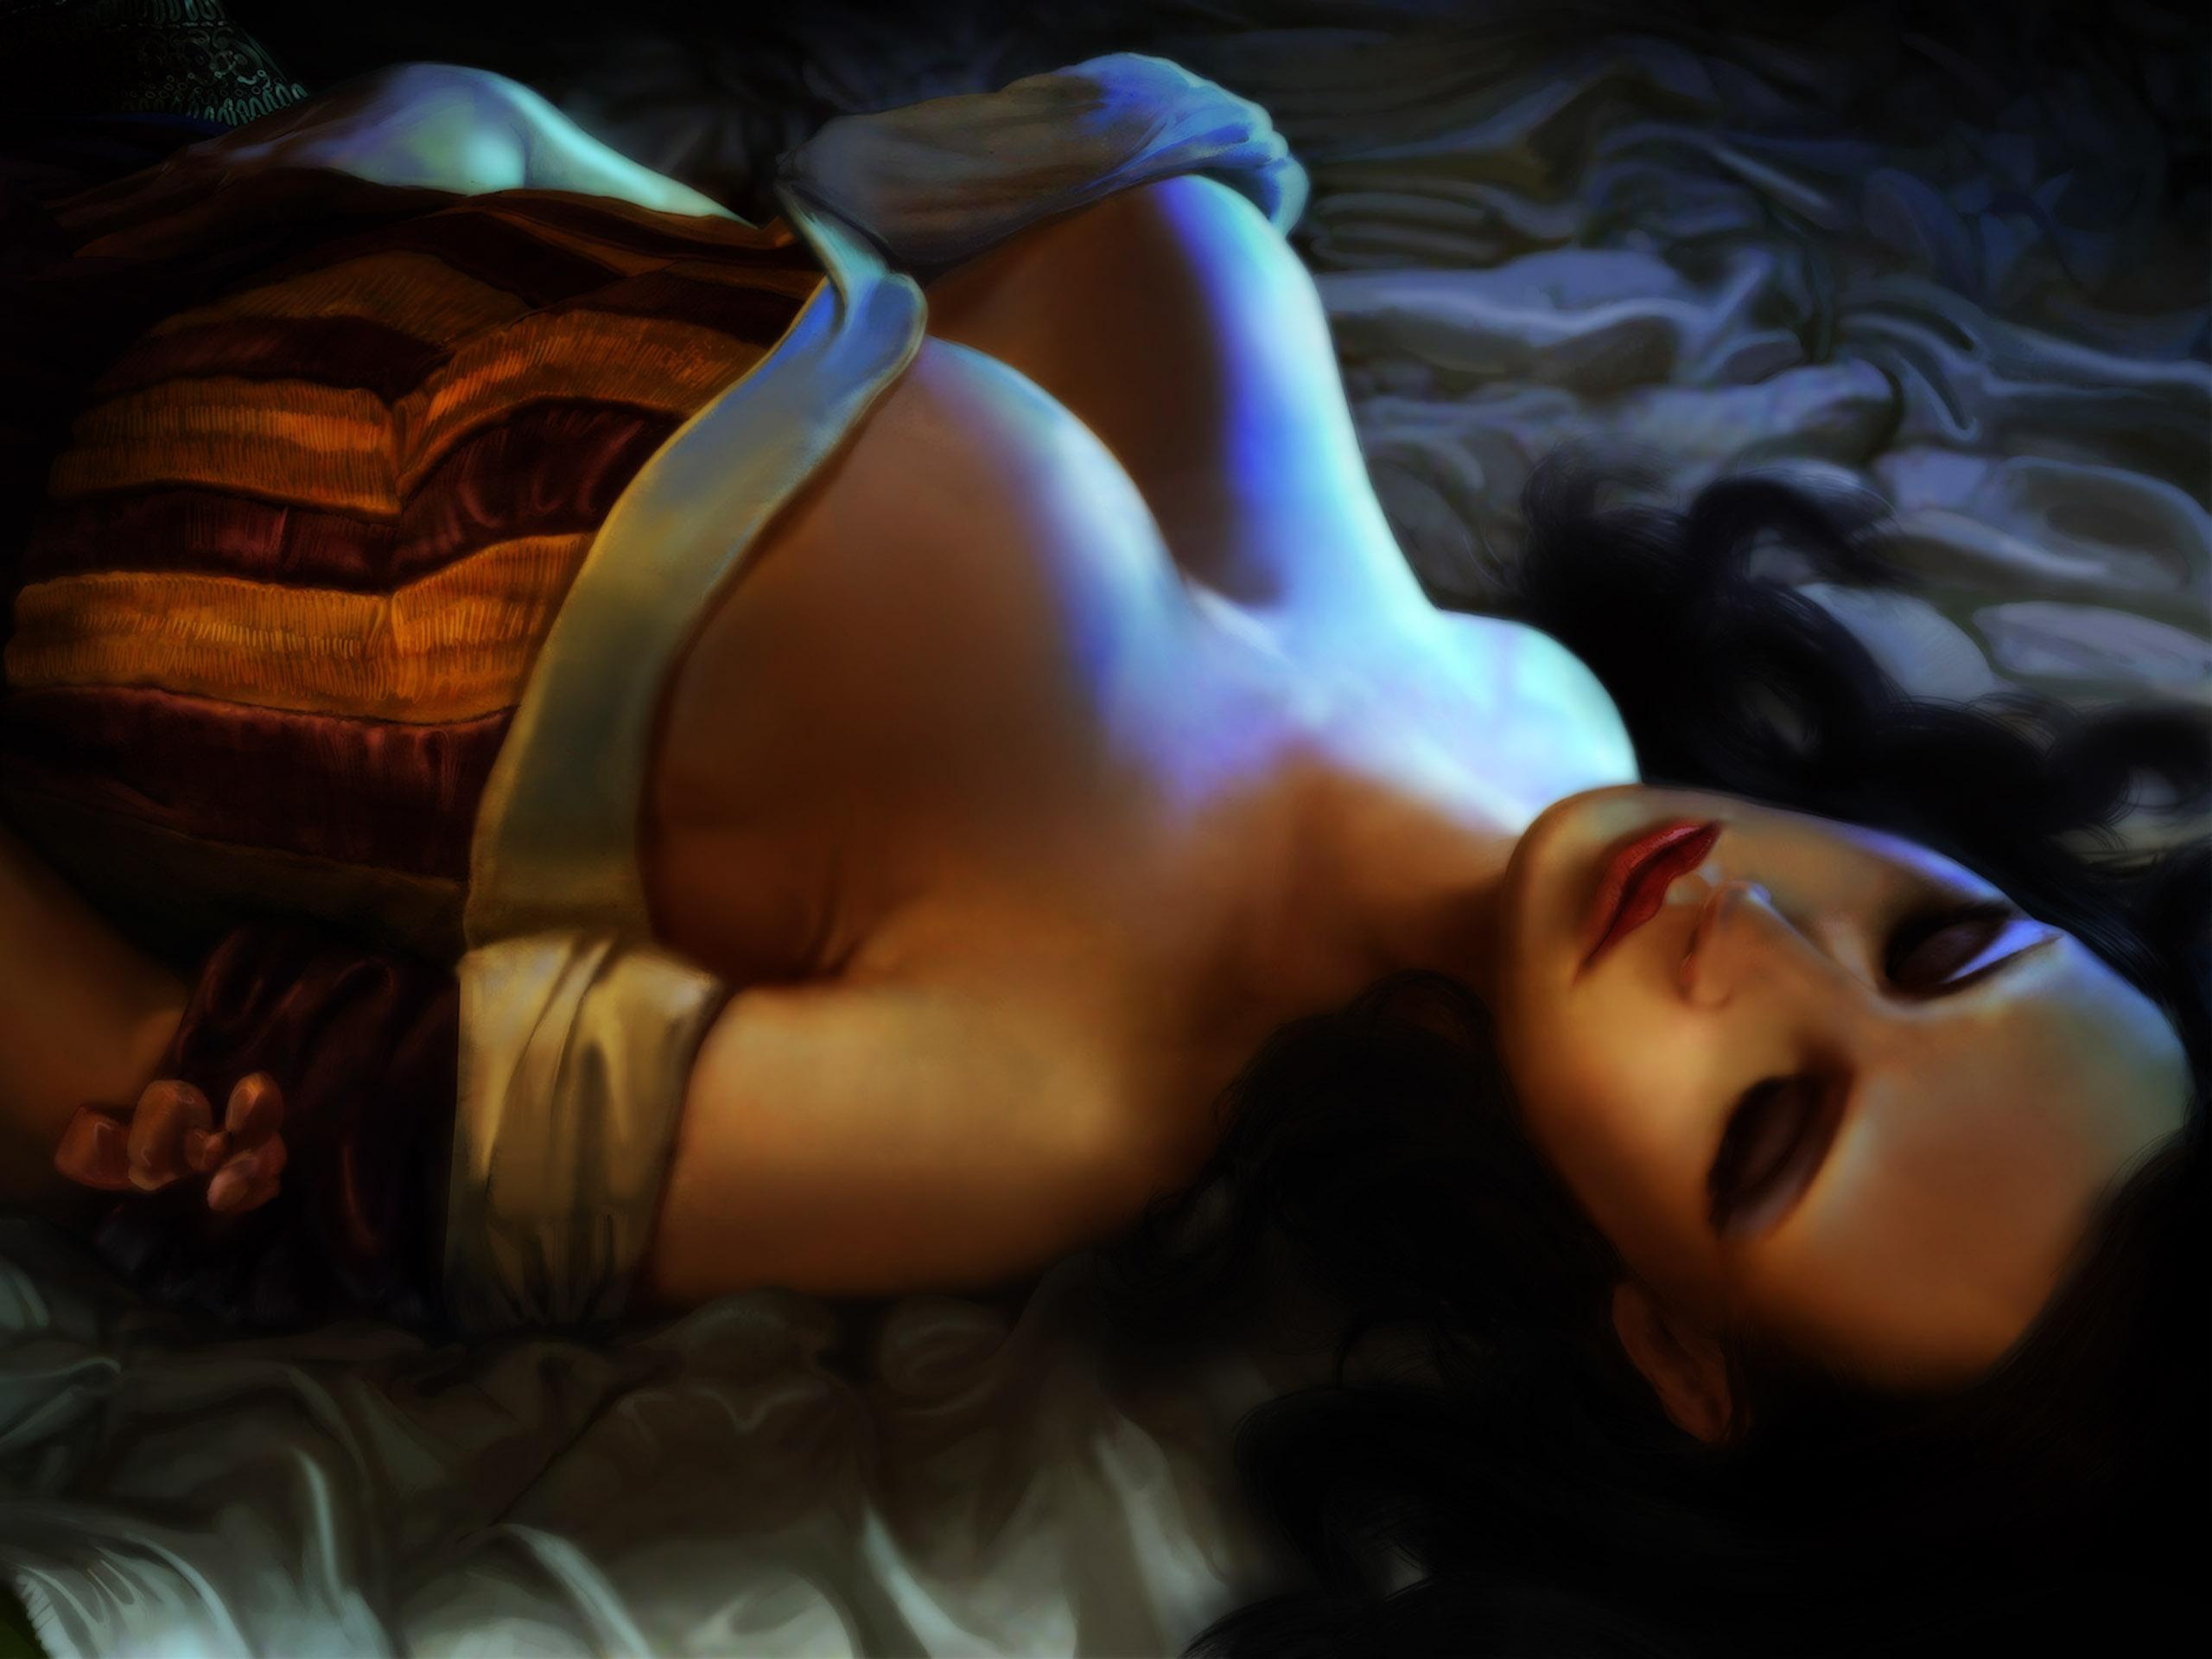 Порно с большой грудью: телки трахаются на zagruzi.com